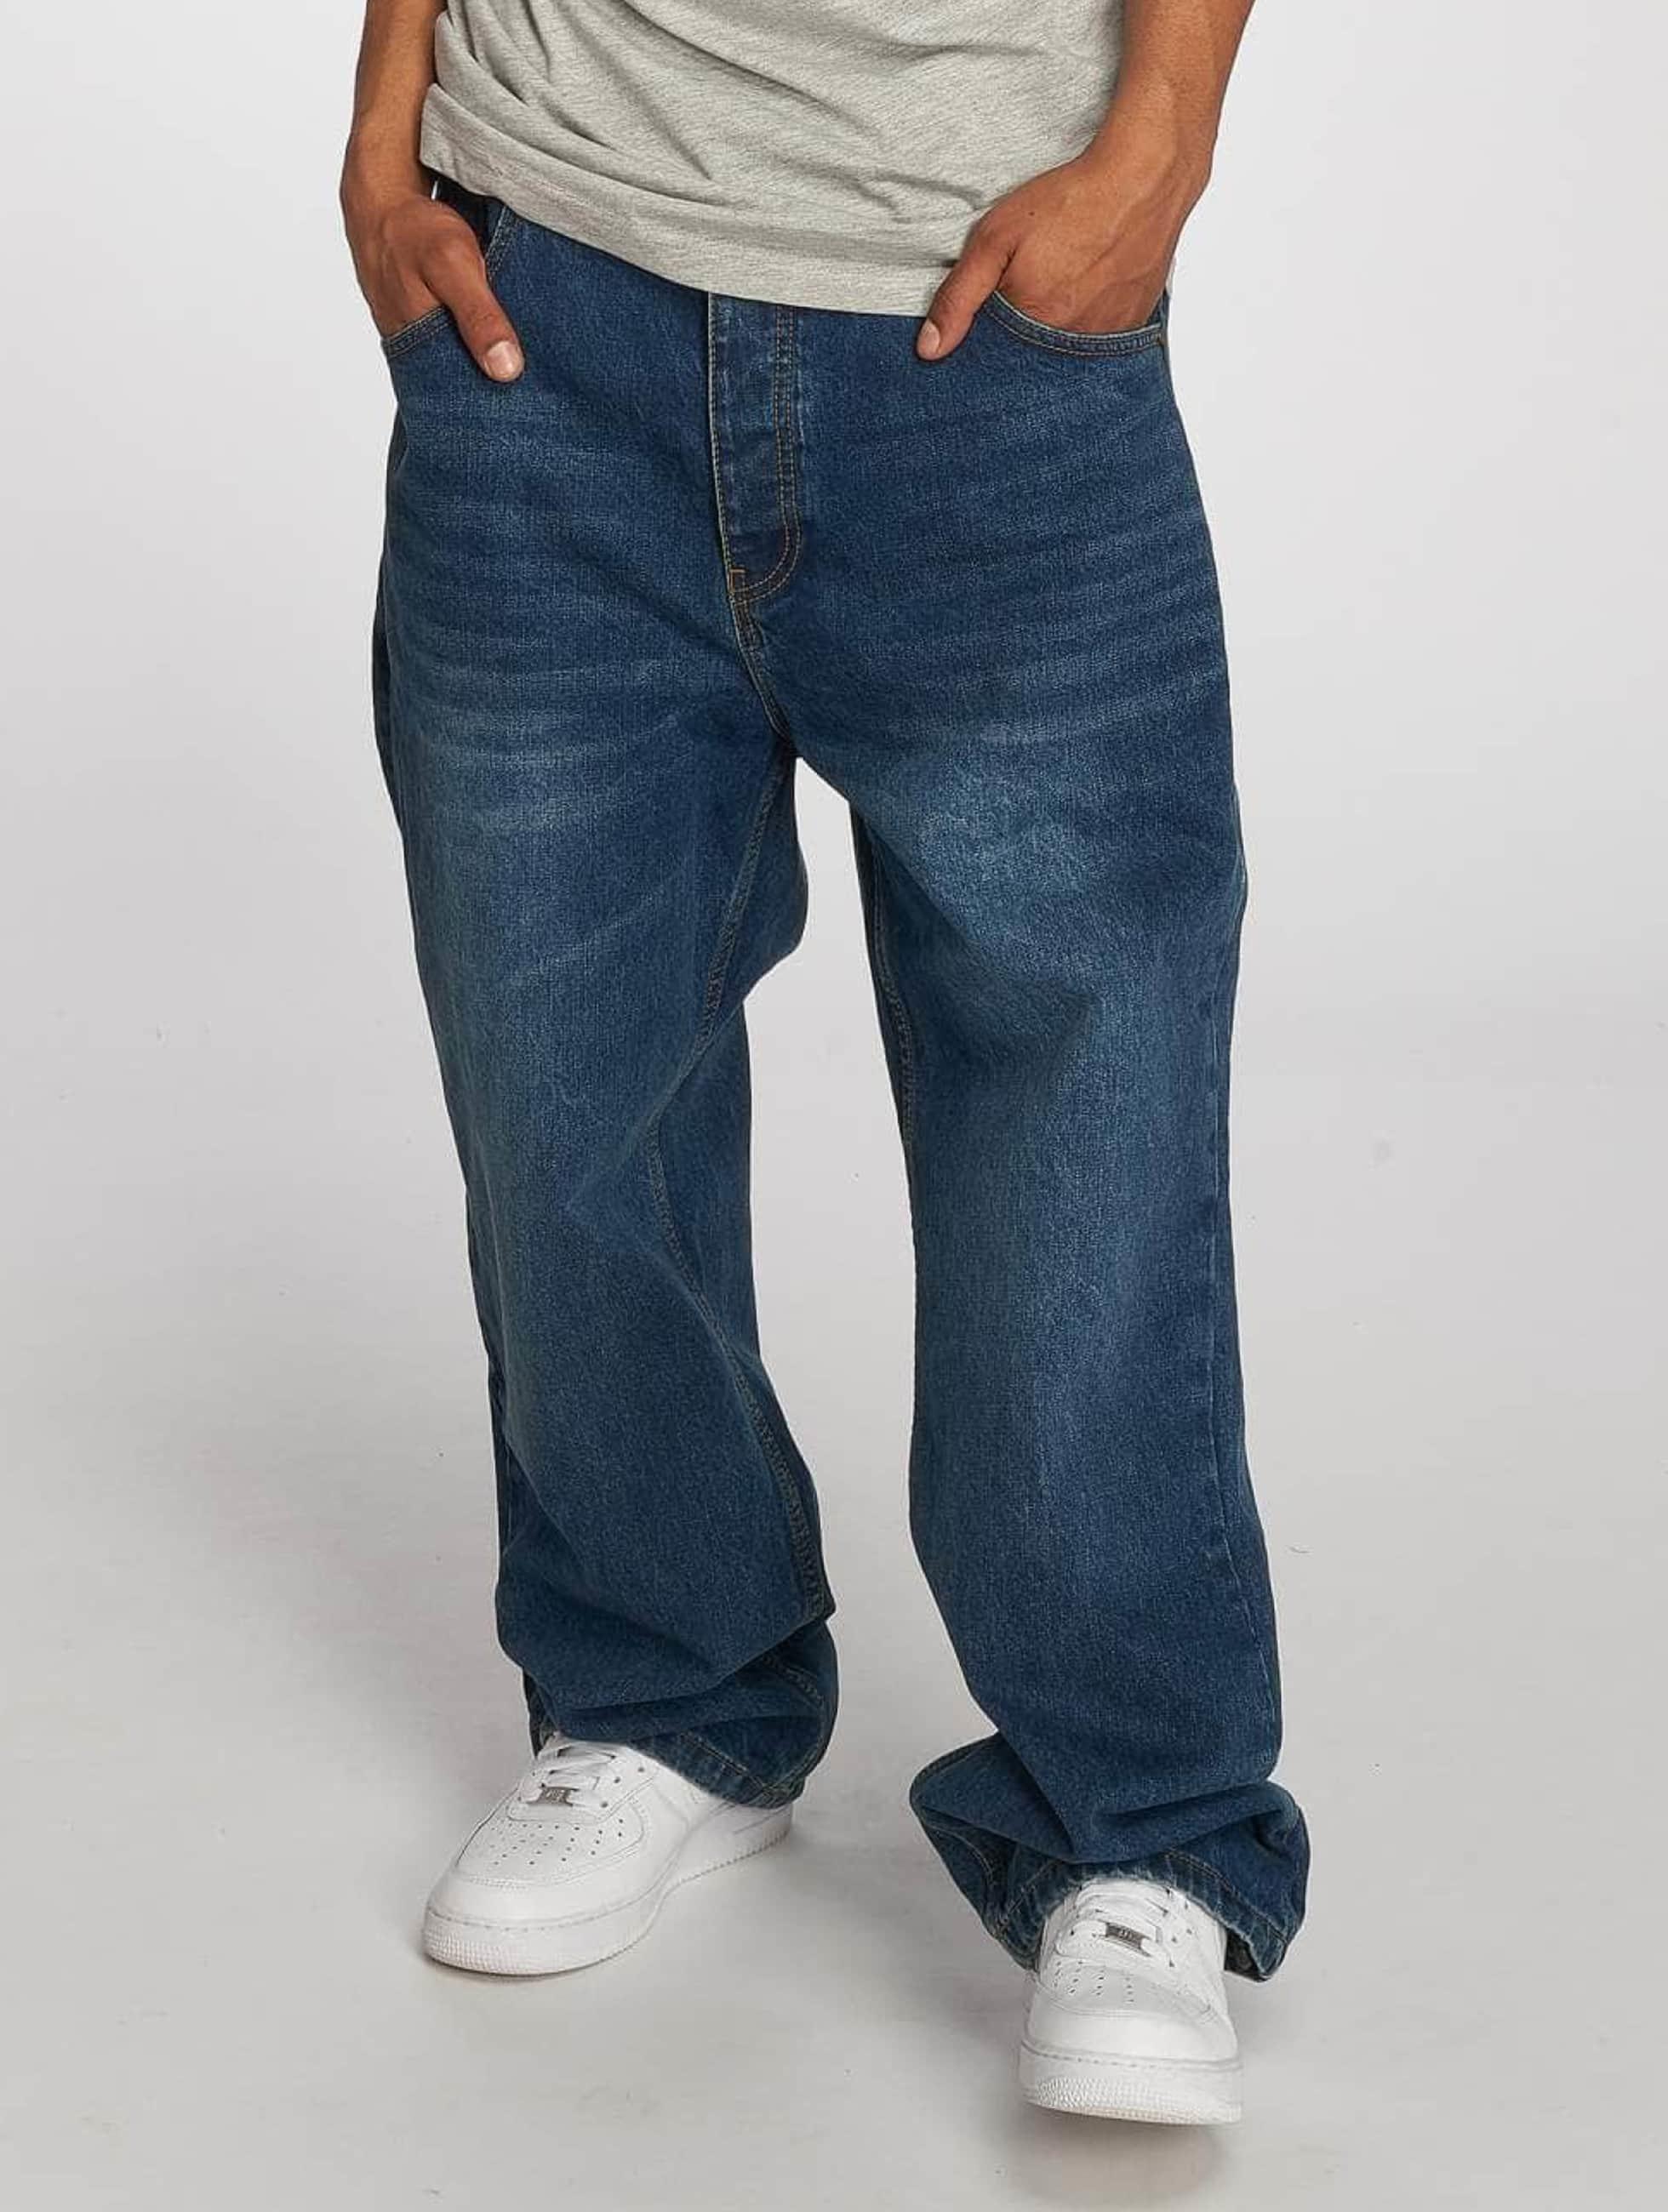 Ecko Unltd. / Baggy Fat Bro in blue W 36 L 32